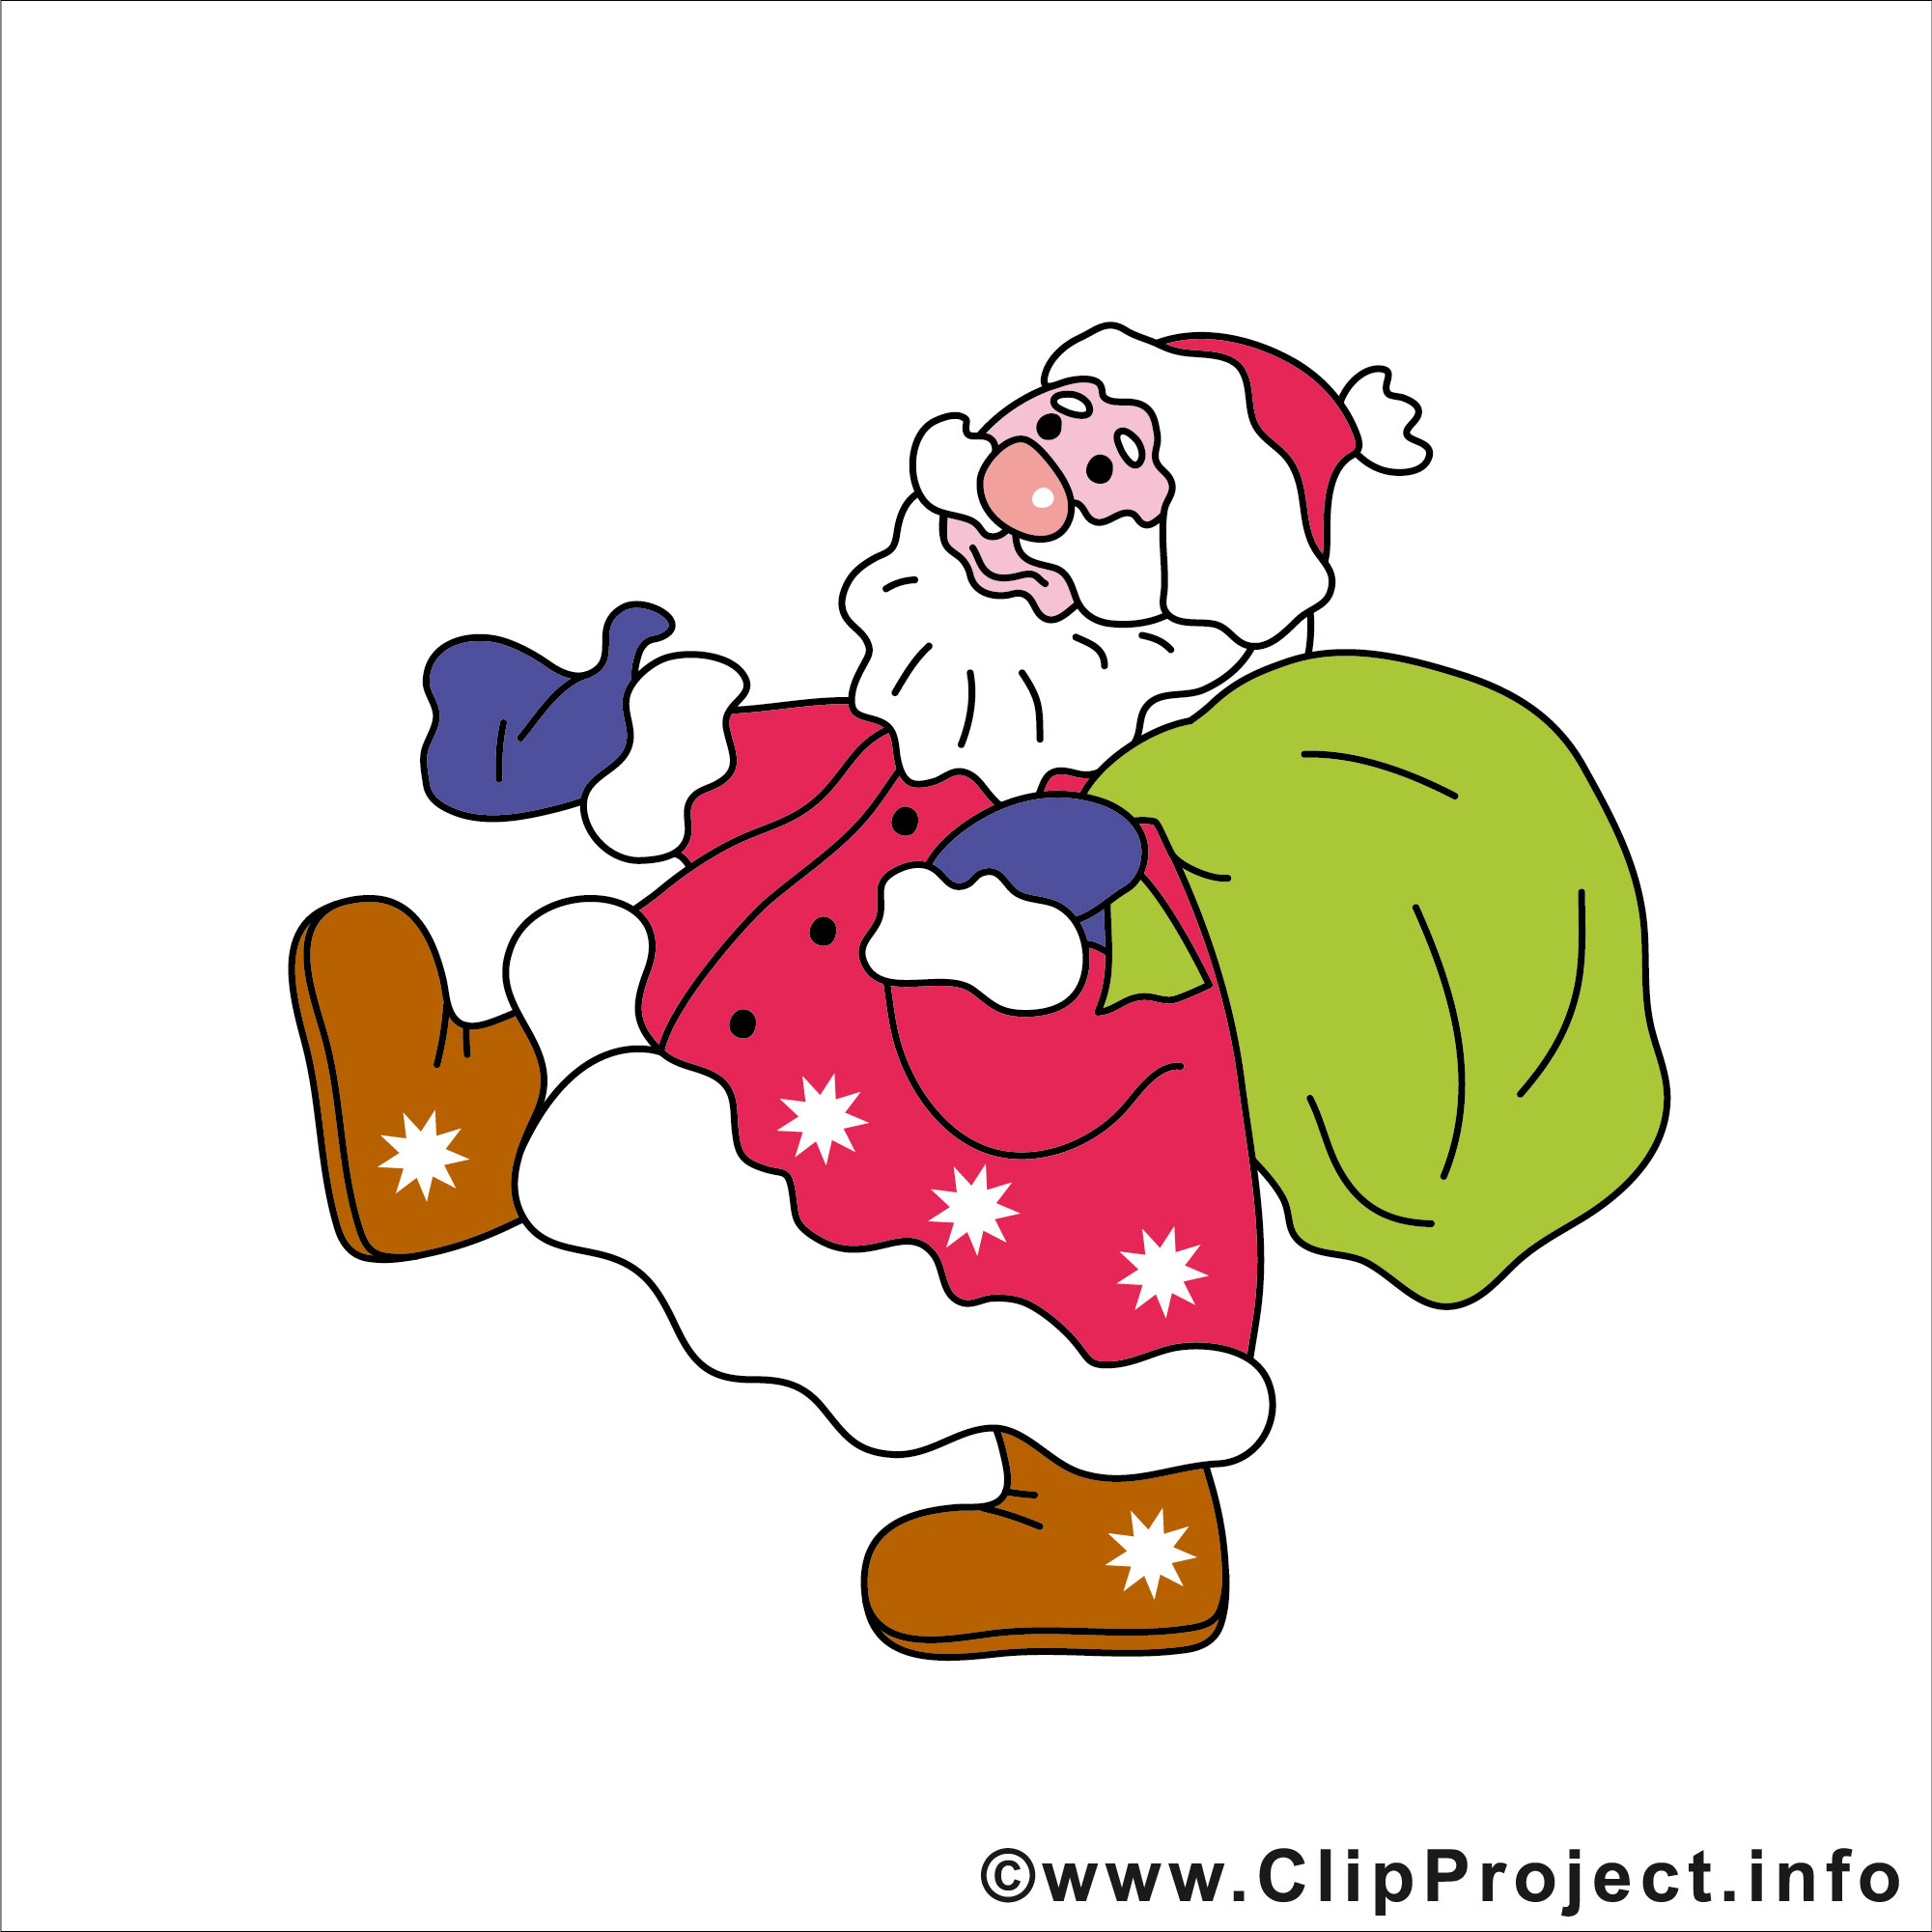 Weihnachtsmann clipart